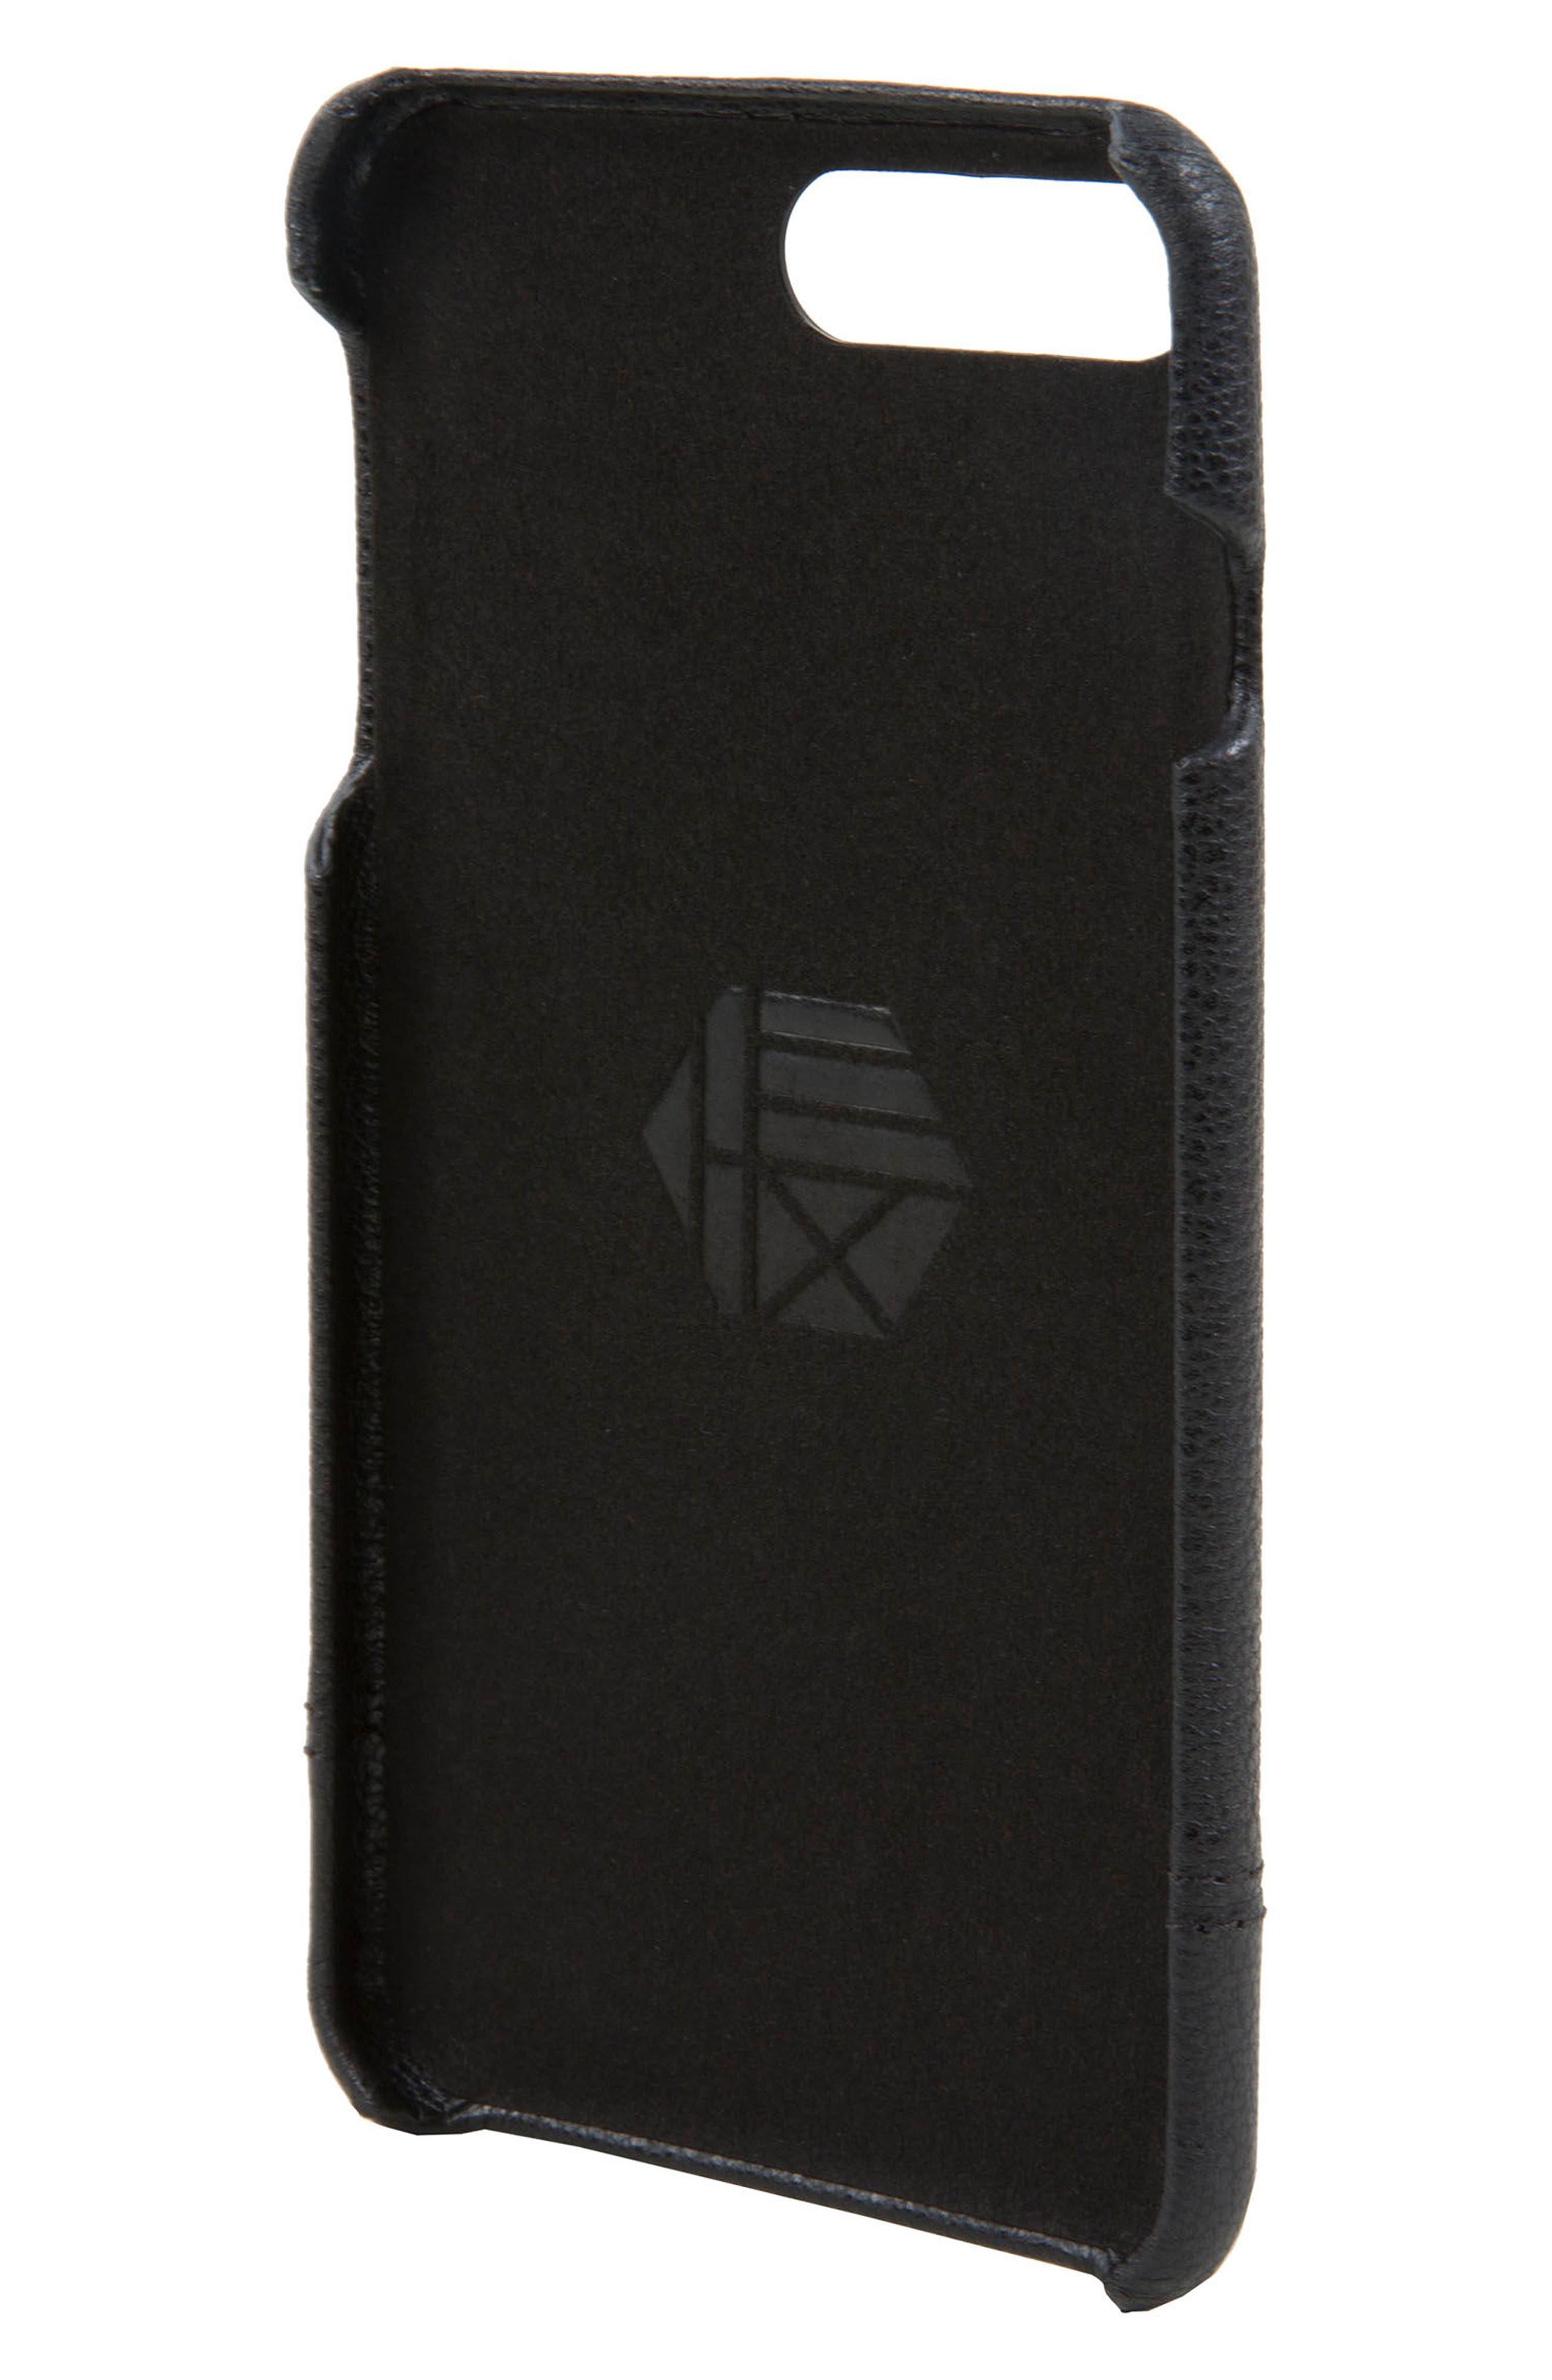 Focus Leather iPhone 6/6s/7/8 Plus Case,                             Alternate thumbnail 2, color,                             Black